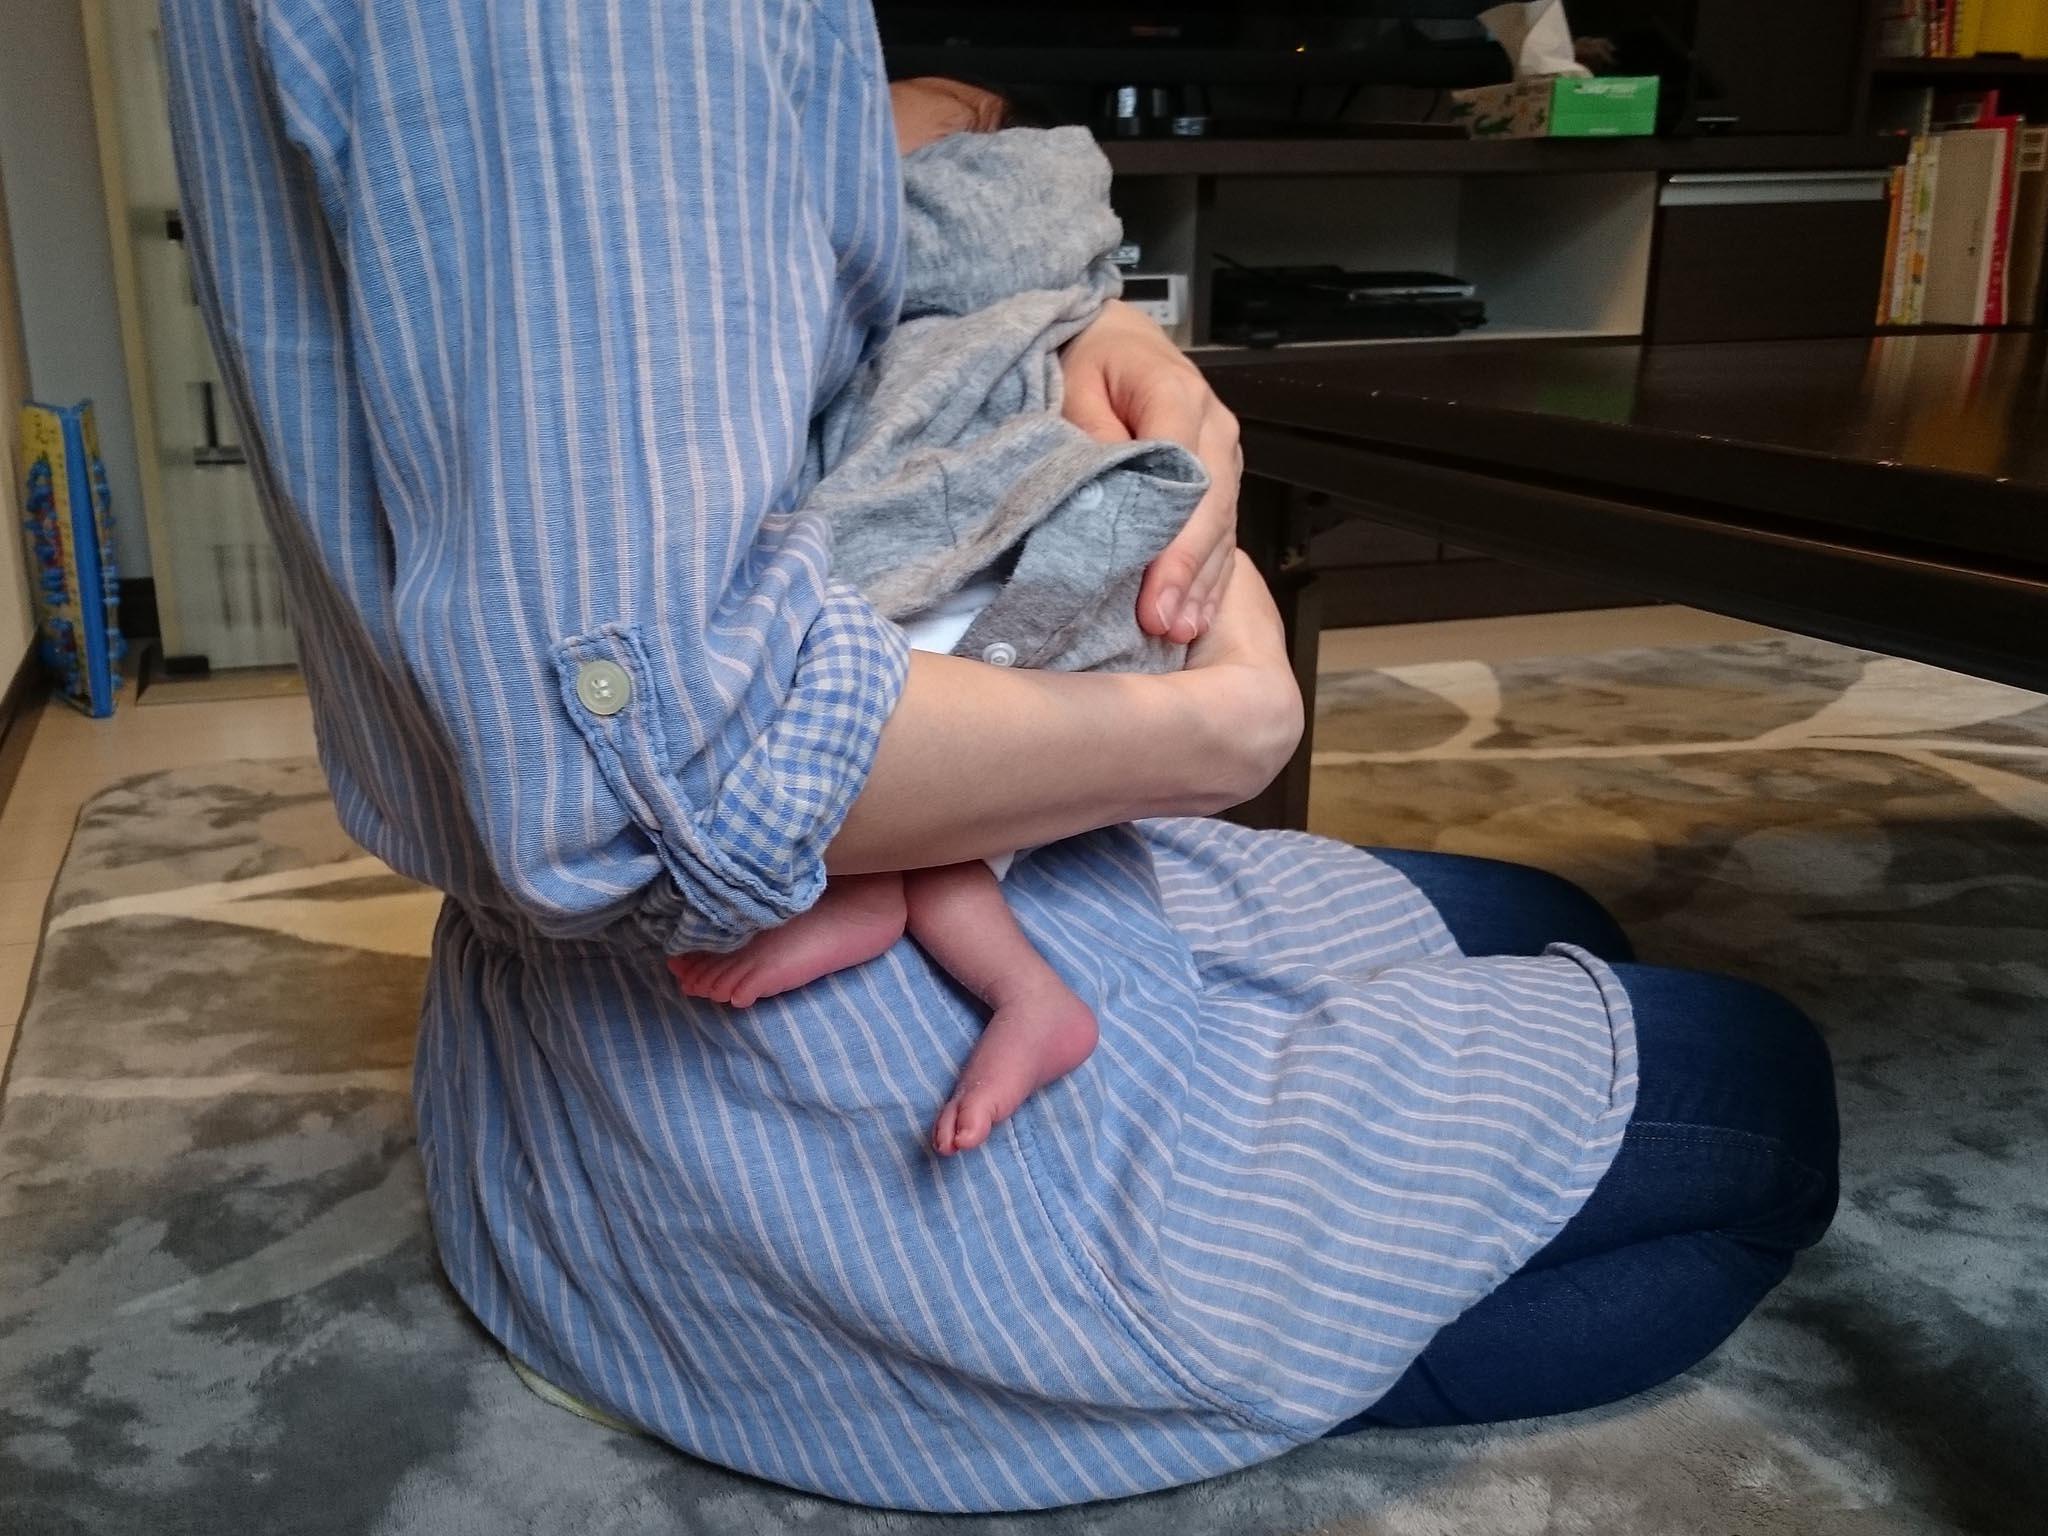 Khi phụ nữ Trung Quốc mất quyền tự do sinh đẻ: Ngay cả việc mang thai cũng phải xếp hàng và hậu quả khôn lường nếu như dám sinh sớm - Ảnh 5.